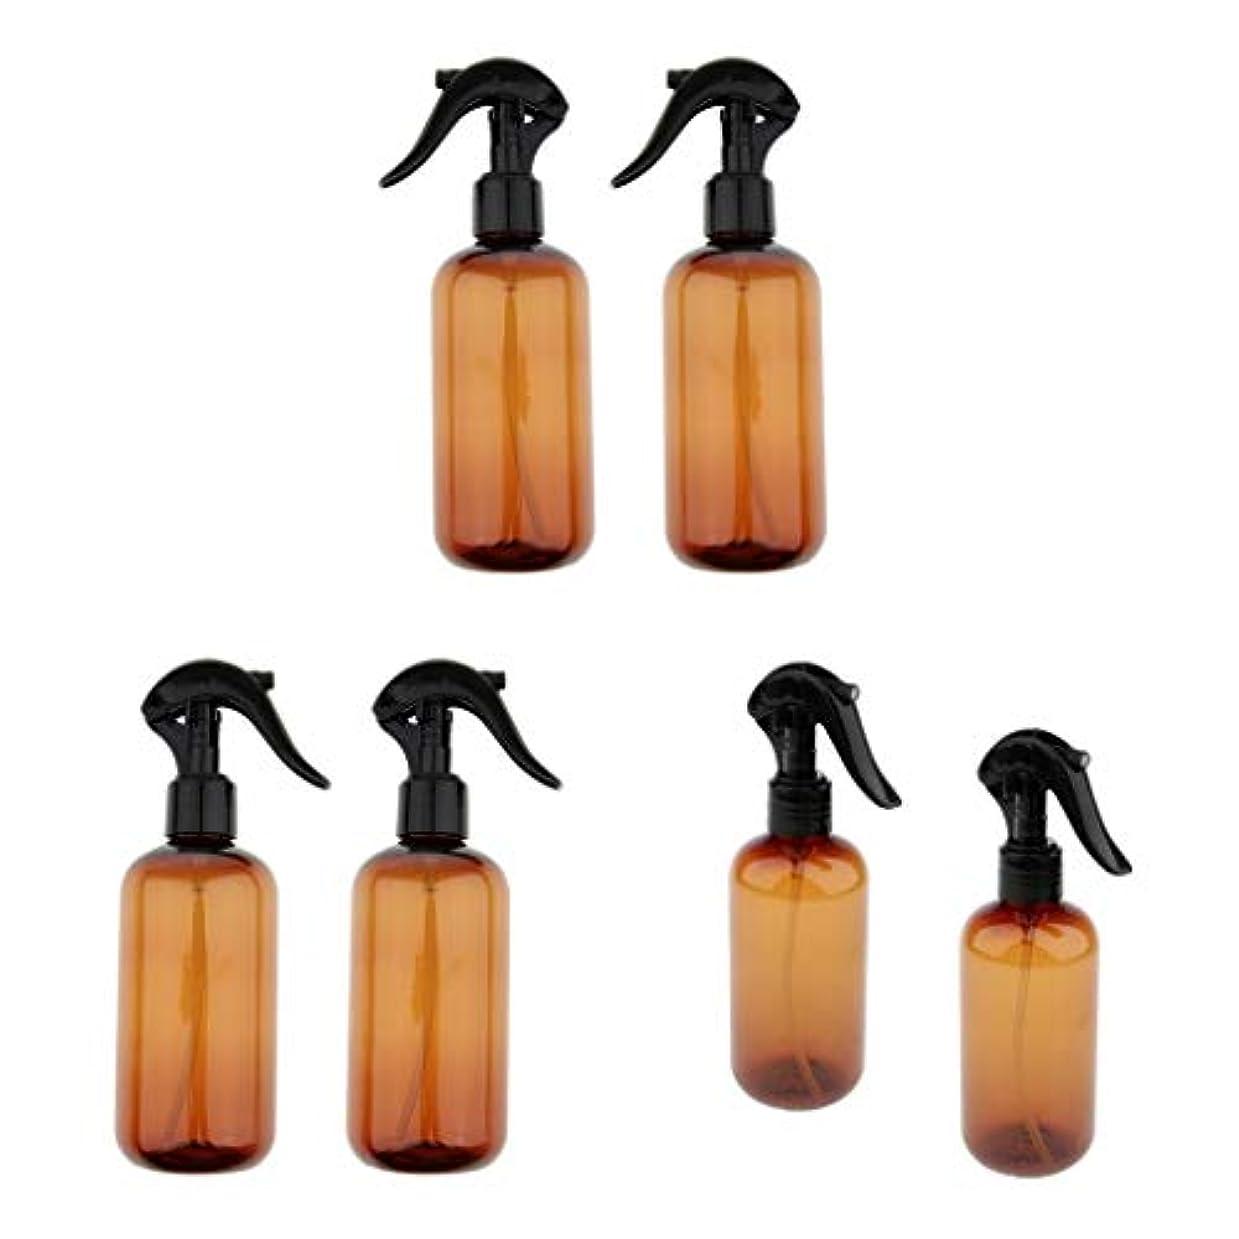 反逆者ポケット告白する6個 スプレーボトル 詰替え容器 小分けボトル トラベルボトルプラスチックボトル 霧吹き 250ml